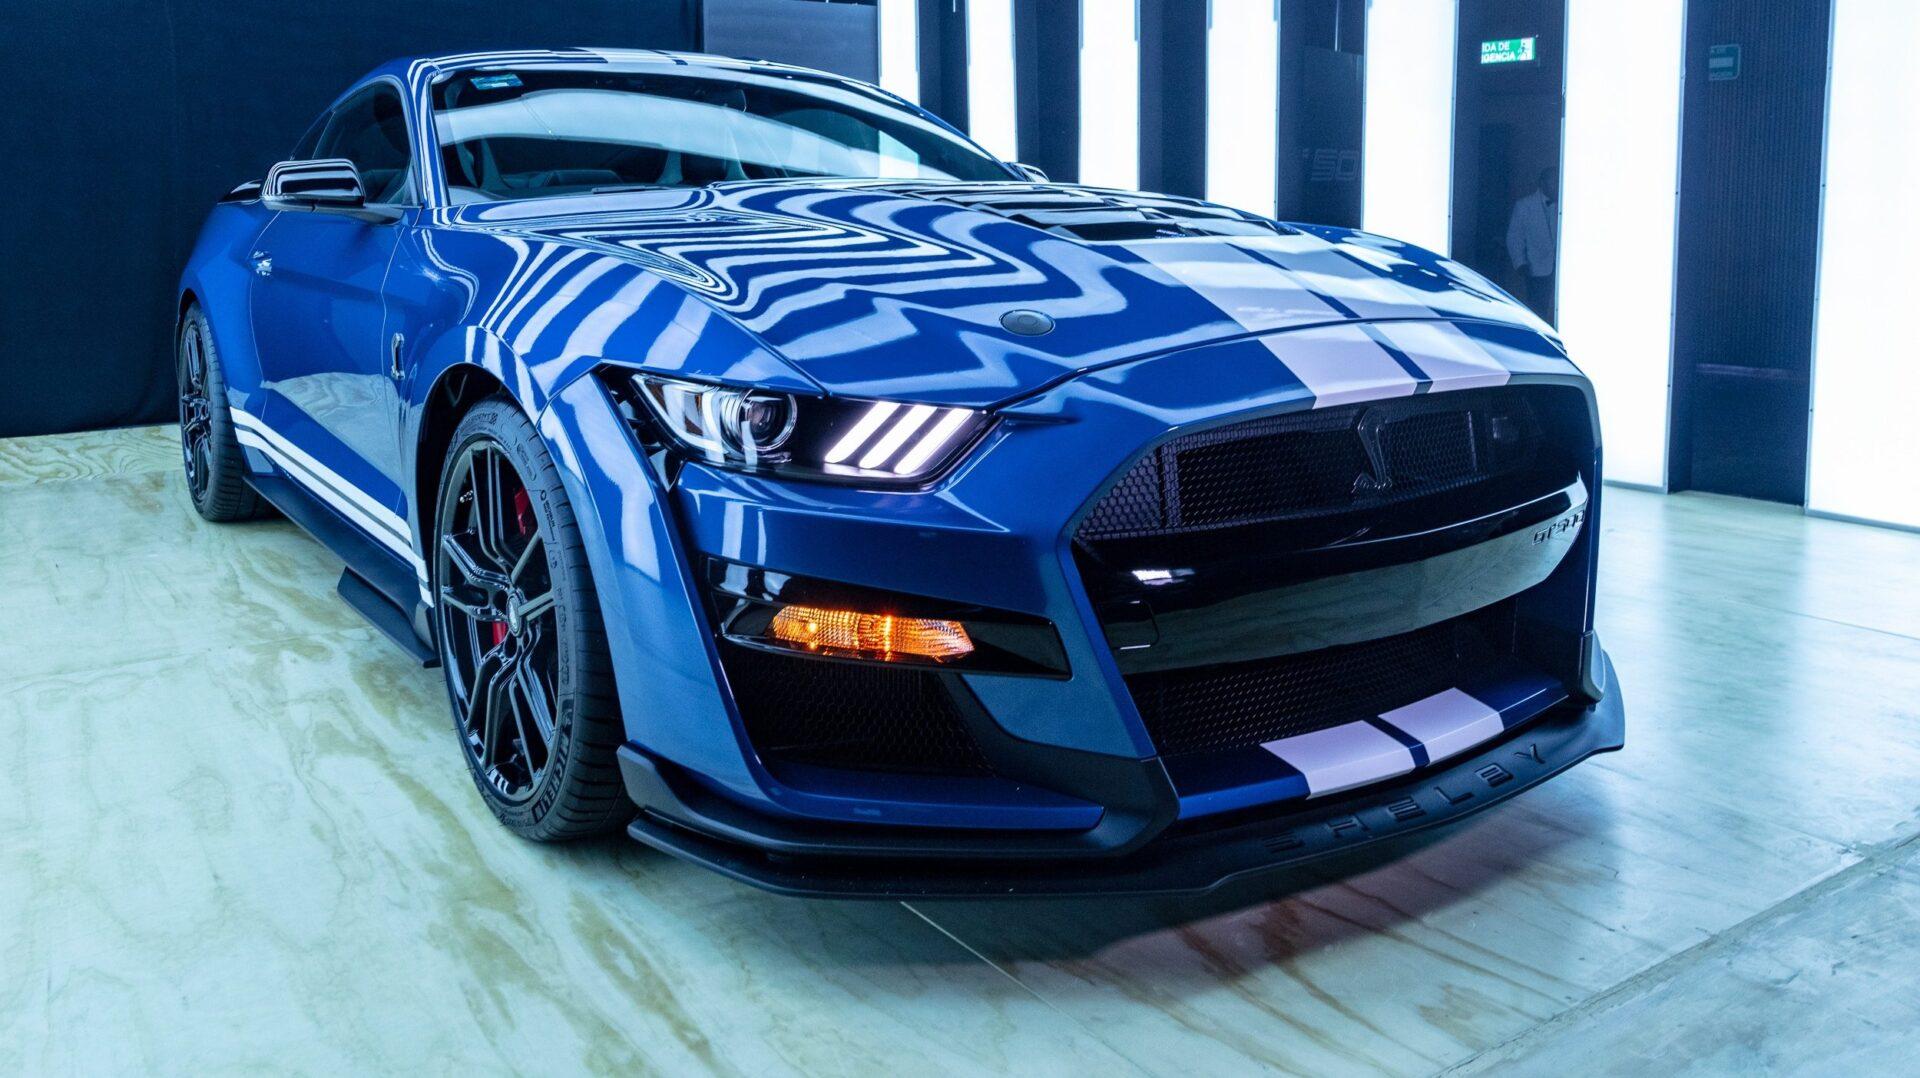 Ford Presenta El Nuevo Shelby Gt500 2020